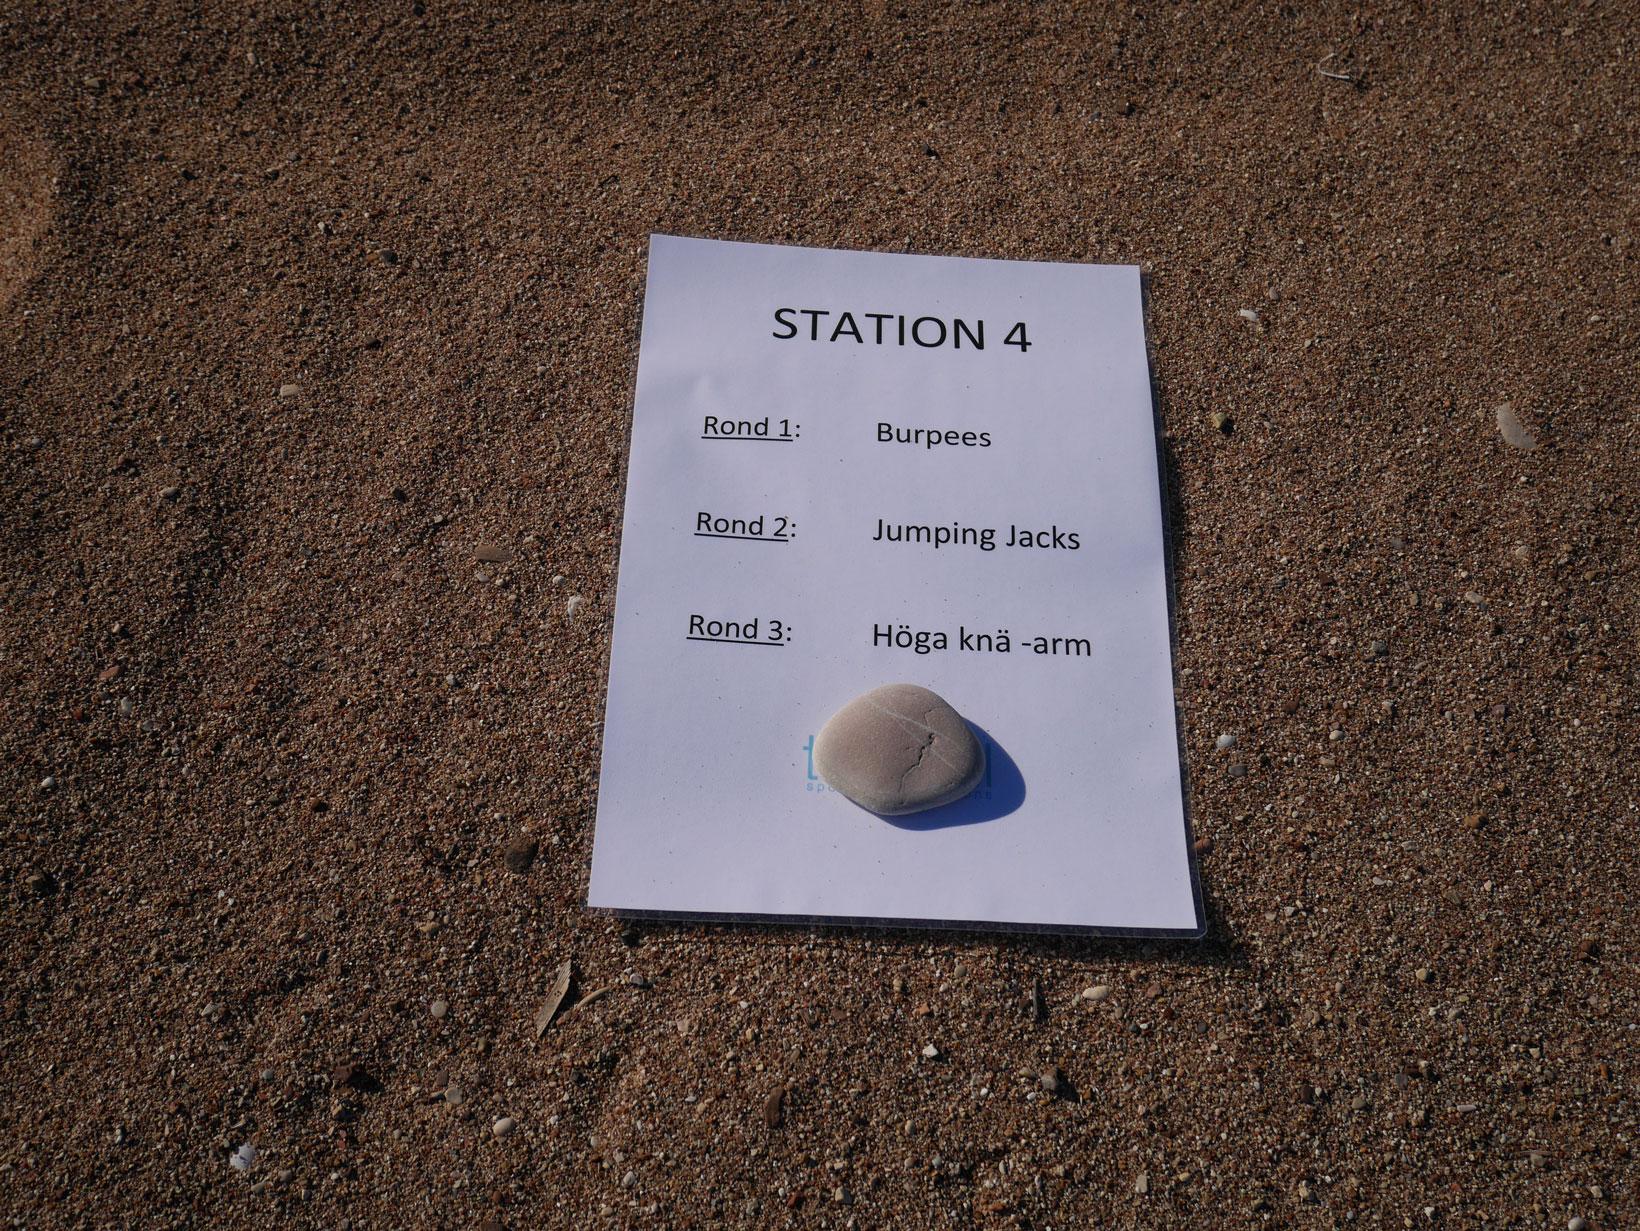 Vi kör ett tufft tabatapass under ledning av Christos, sanden gör att vi får kämpa på lite extra.